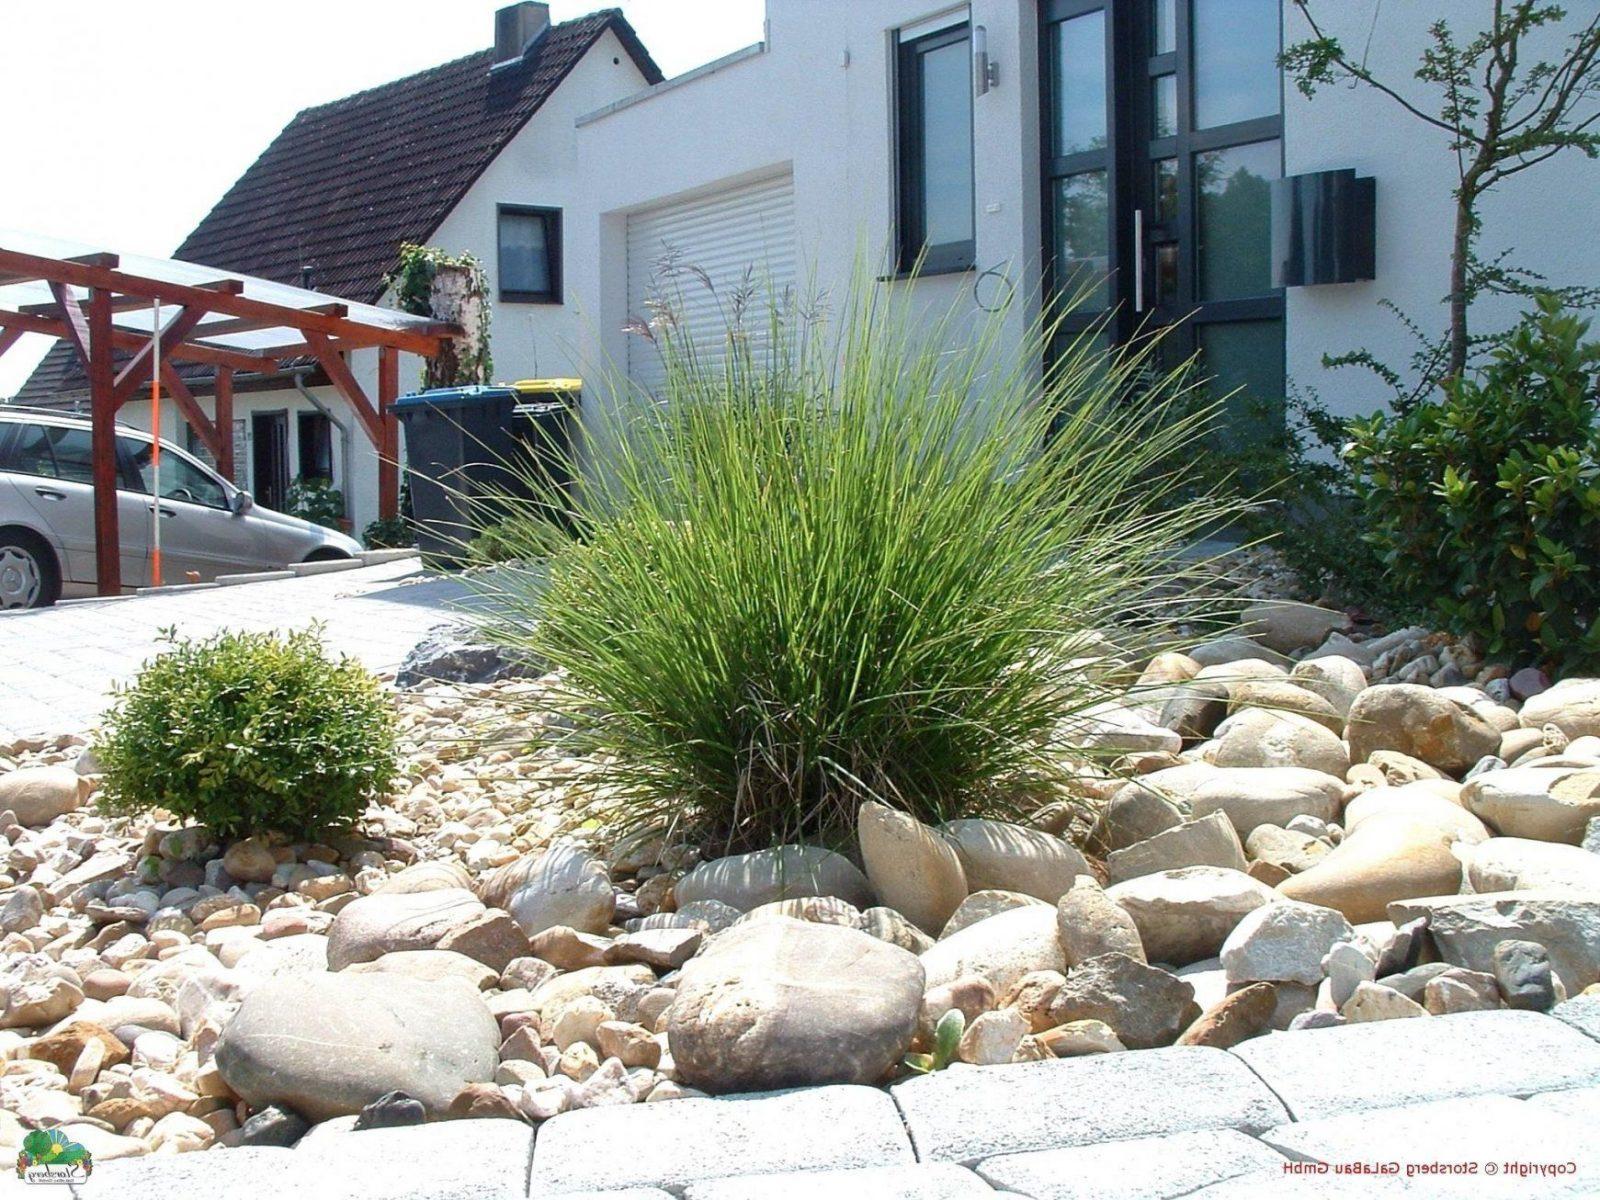 Frisch Gartengestaltung Mit Steinen Und Gräsern Modern  Kpelavrio von Gartengestaltung Mit Kies Und Gräsern Bild